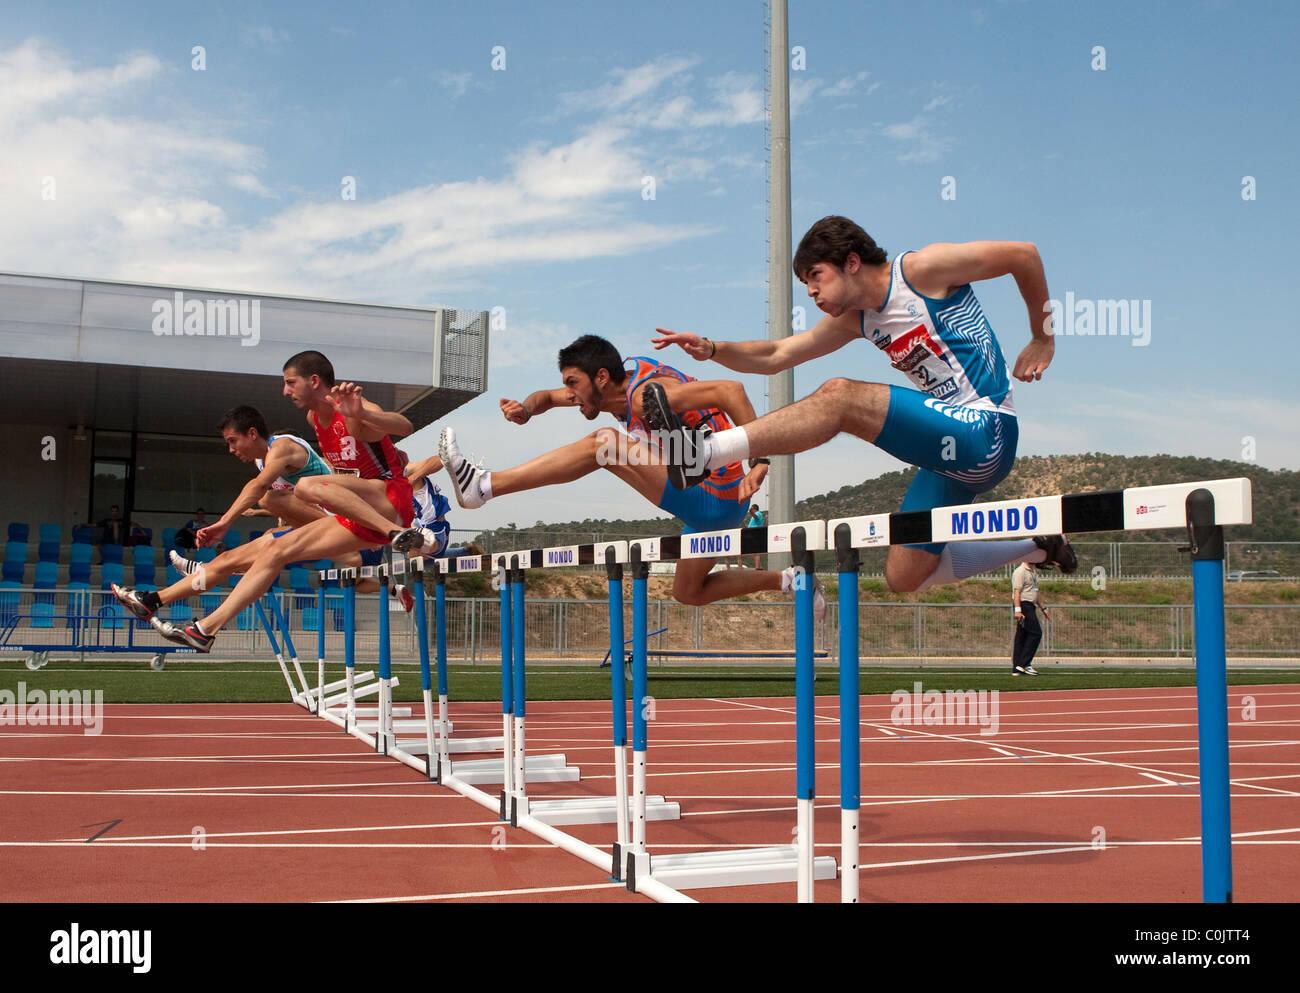 Sport im freien Leichtathletik Wettbewerb Rennstrecke Erwachsenen Athleten springen. Meisterschaften von Spanien, Stockbild